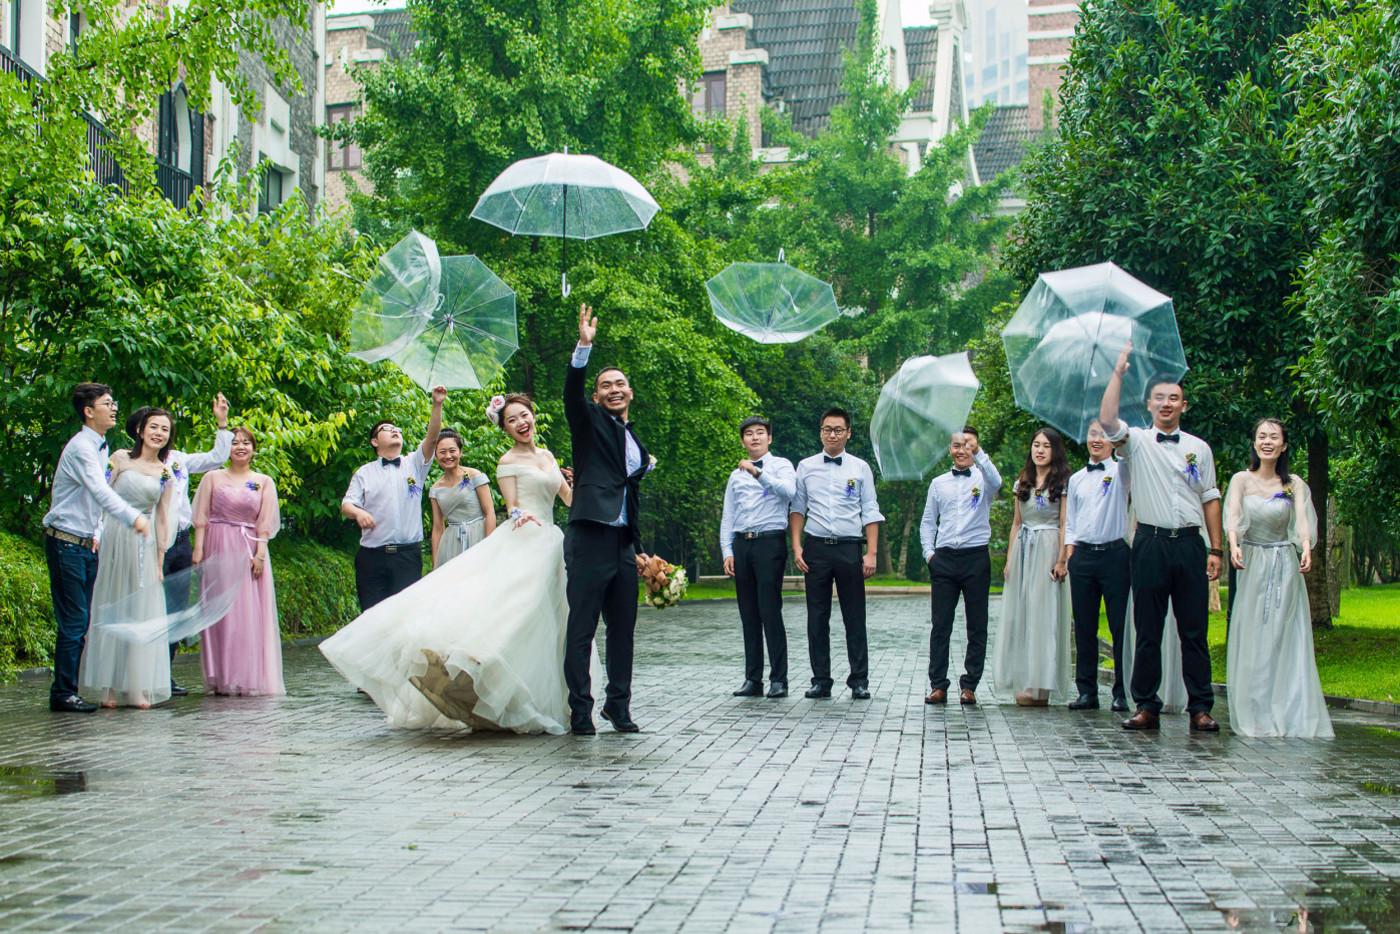 超美的下雨天和教堂婚礼26